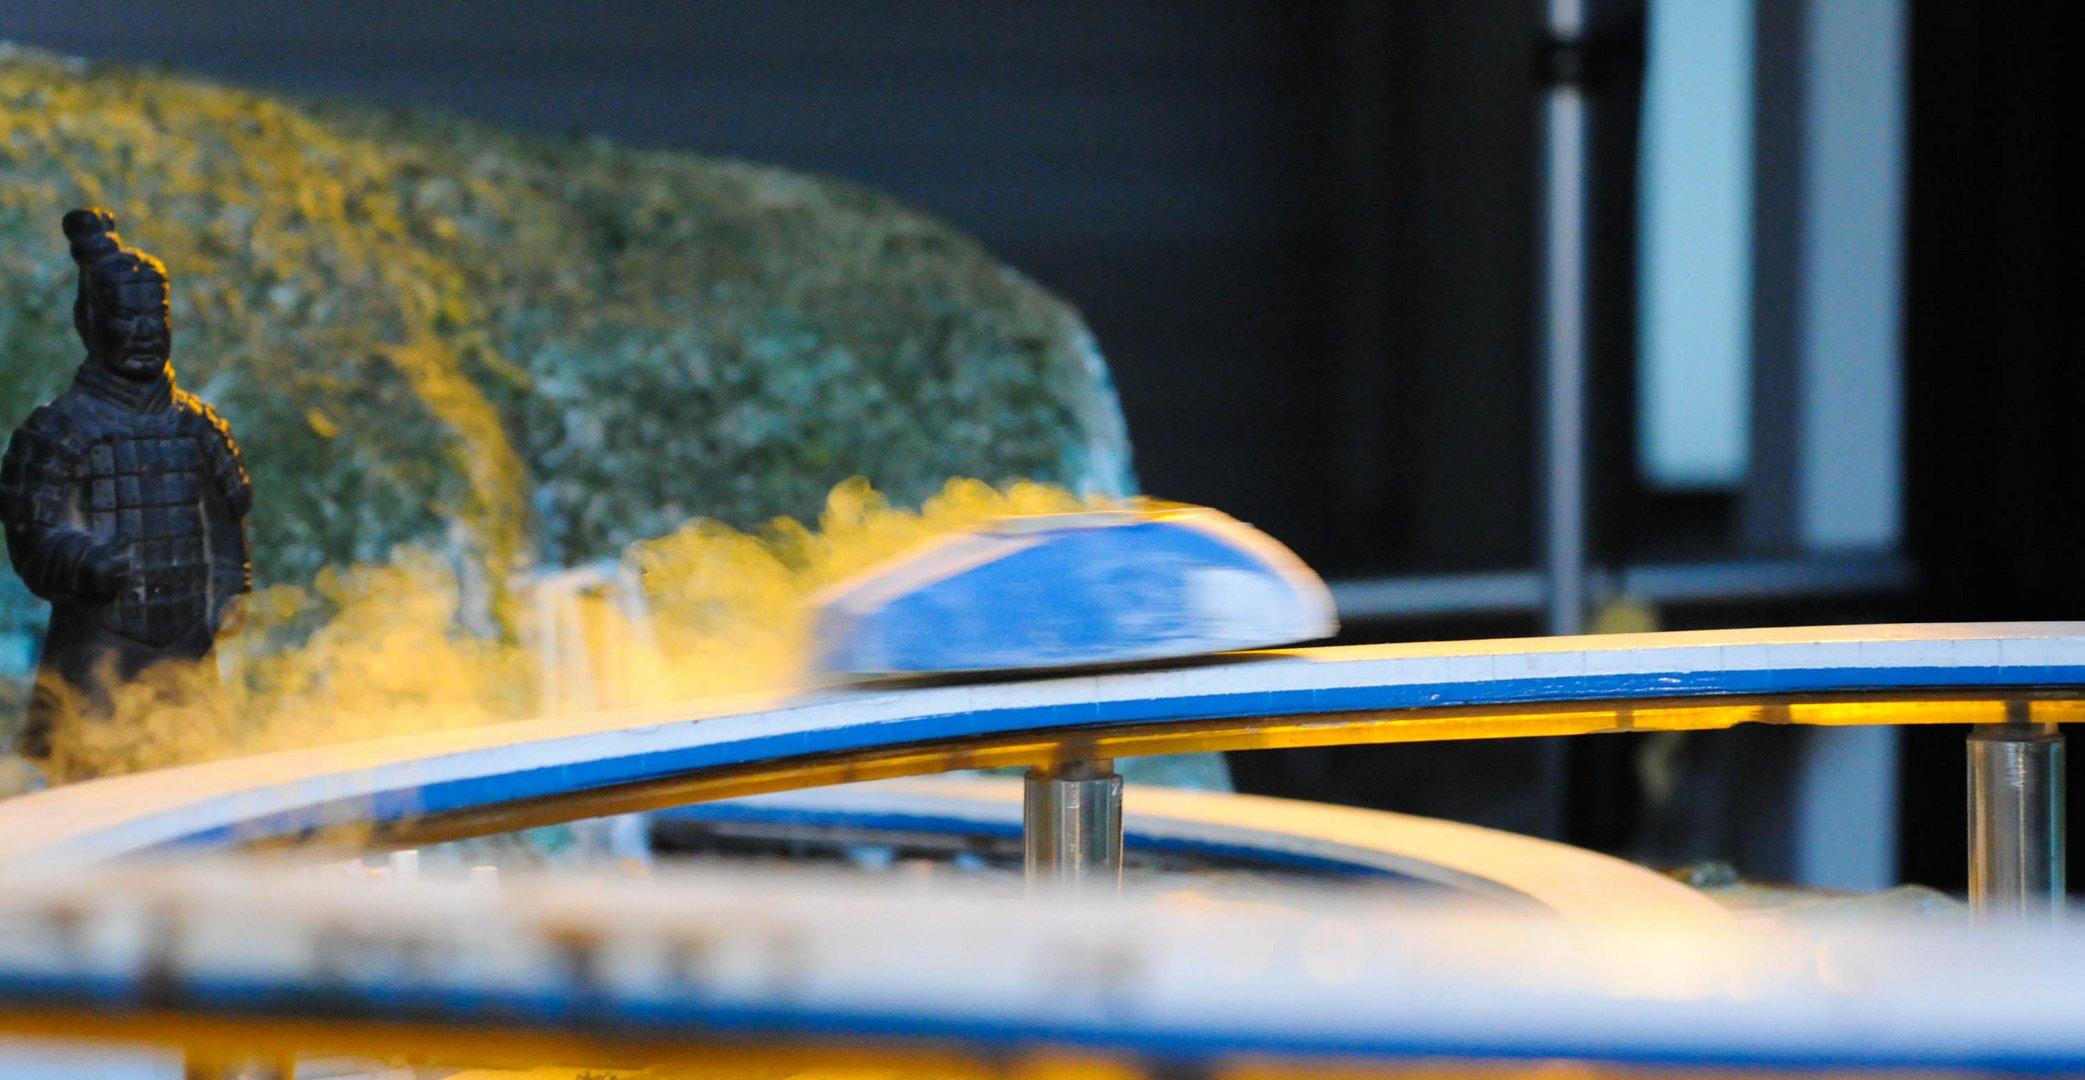 Petit vehicule à lévitation magnétique: Rail magnétique + Supraconducteur + Azote liquide